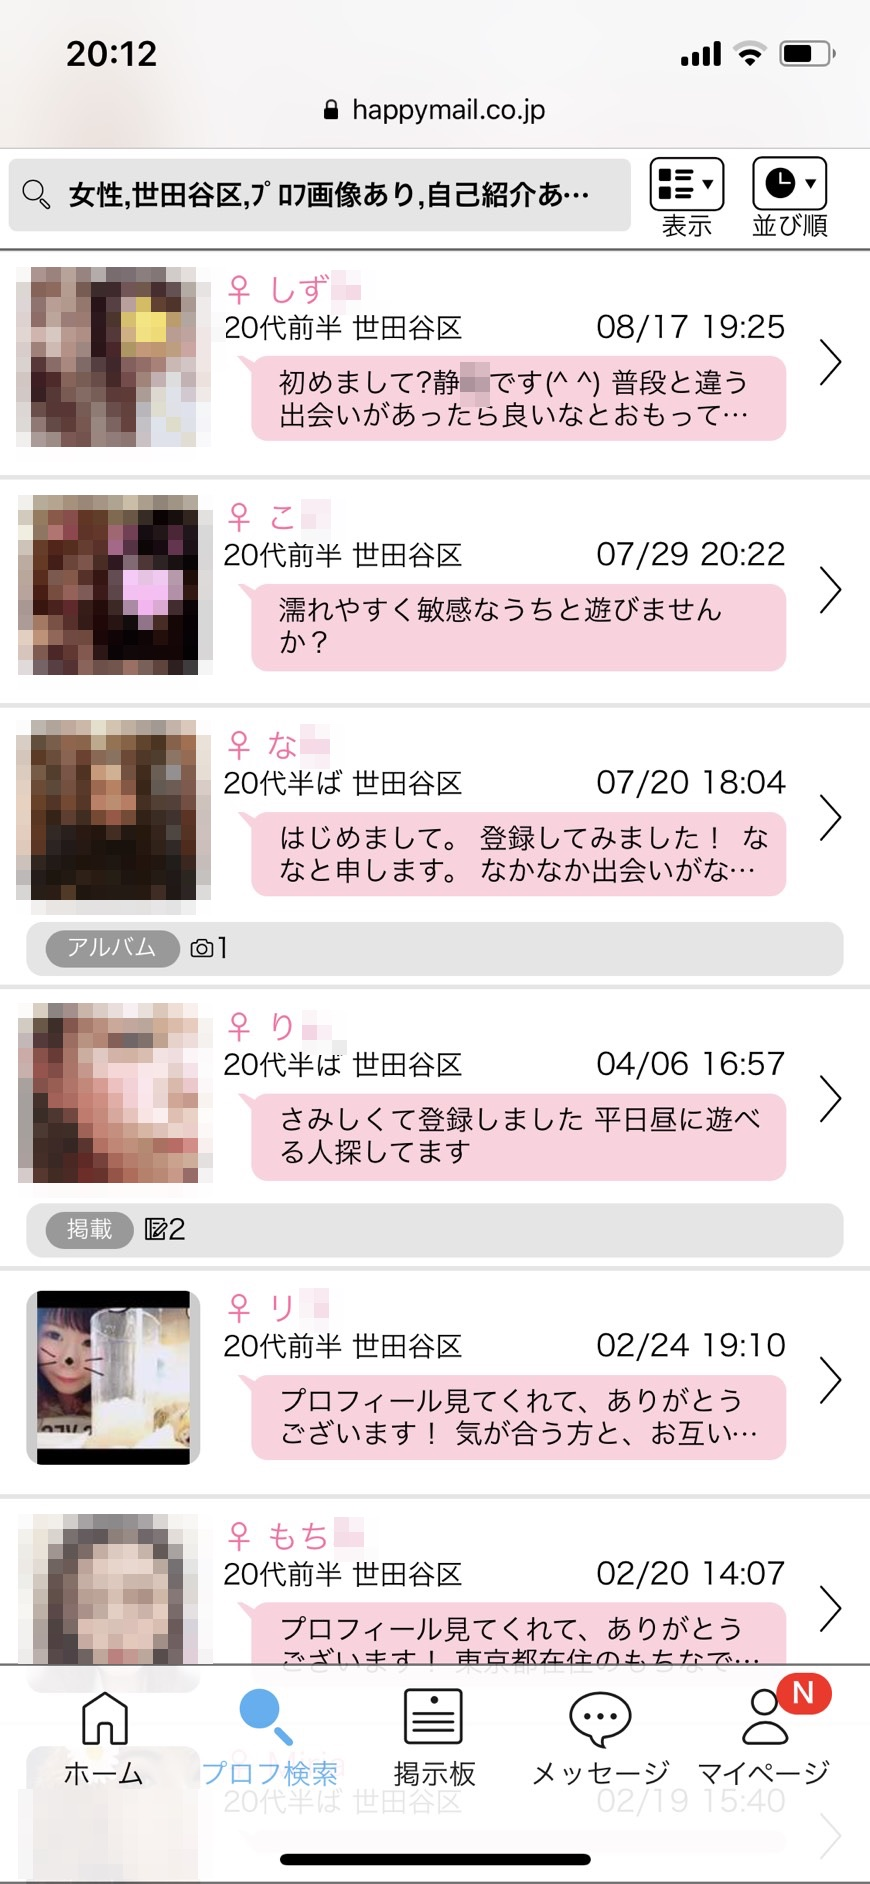 三軒茶屋・セフレ希望(ハッピーメール)